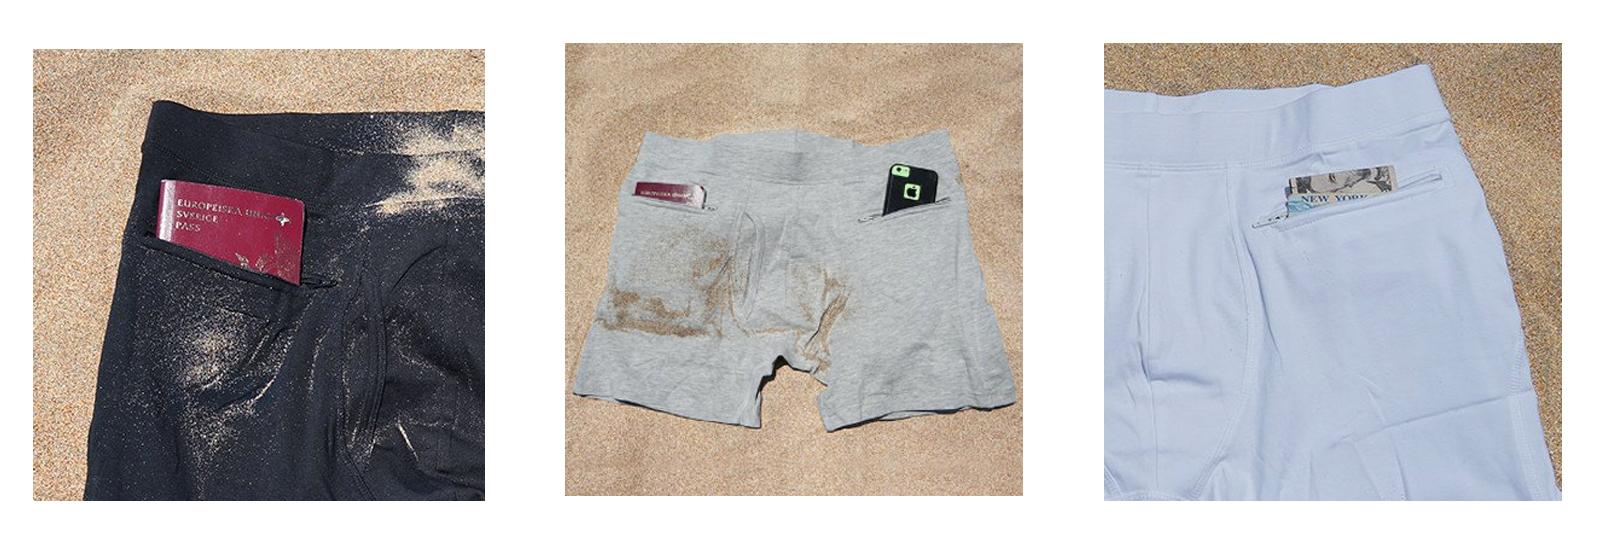 cuecas com bolso para esconder objetos